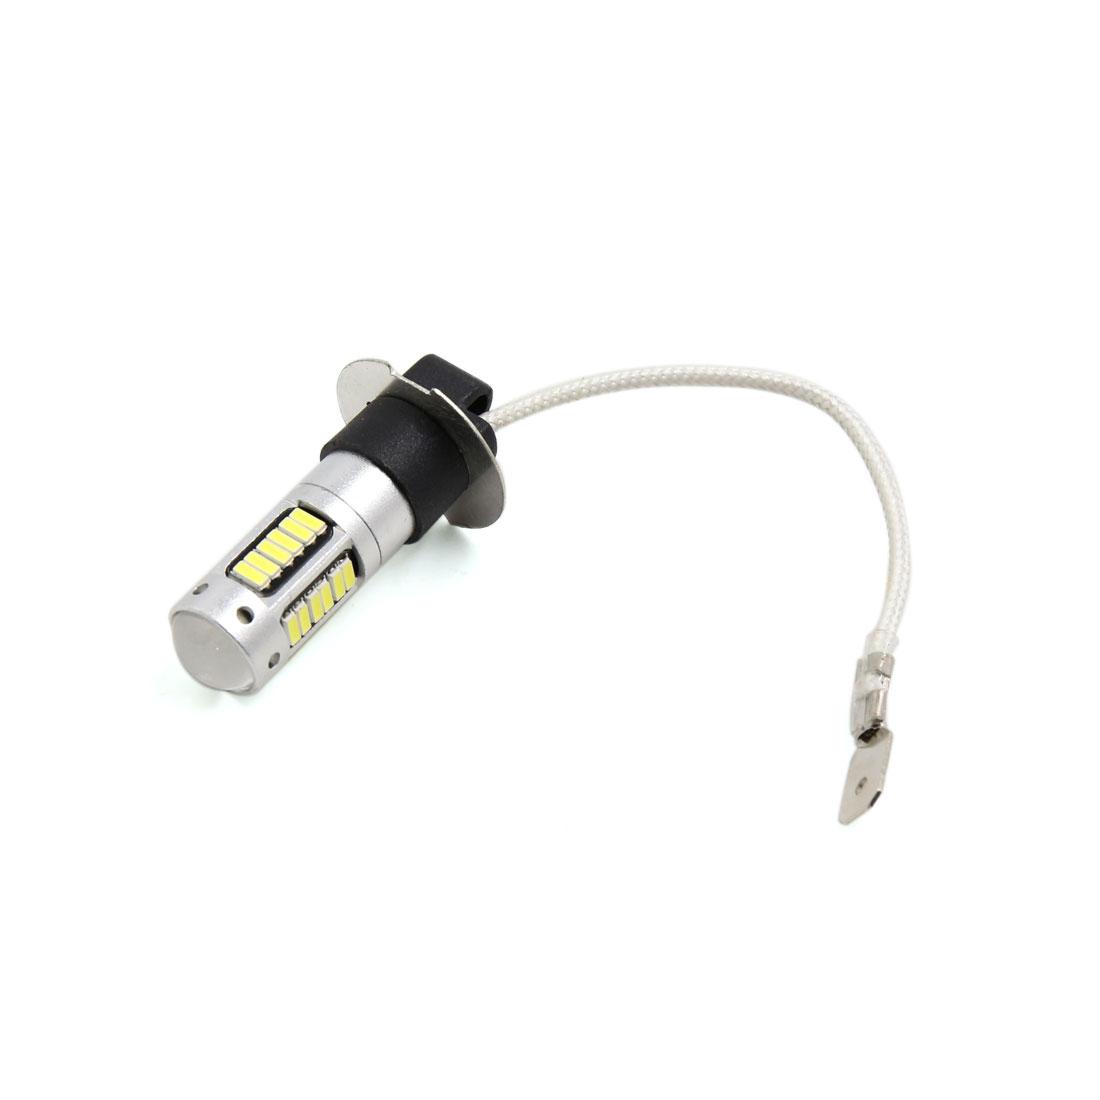 H3 White 30 SMD LED Lens Foglight Headlight Driving Light Lamp Bulb for Car